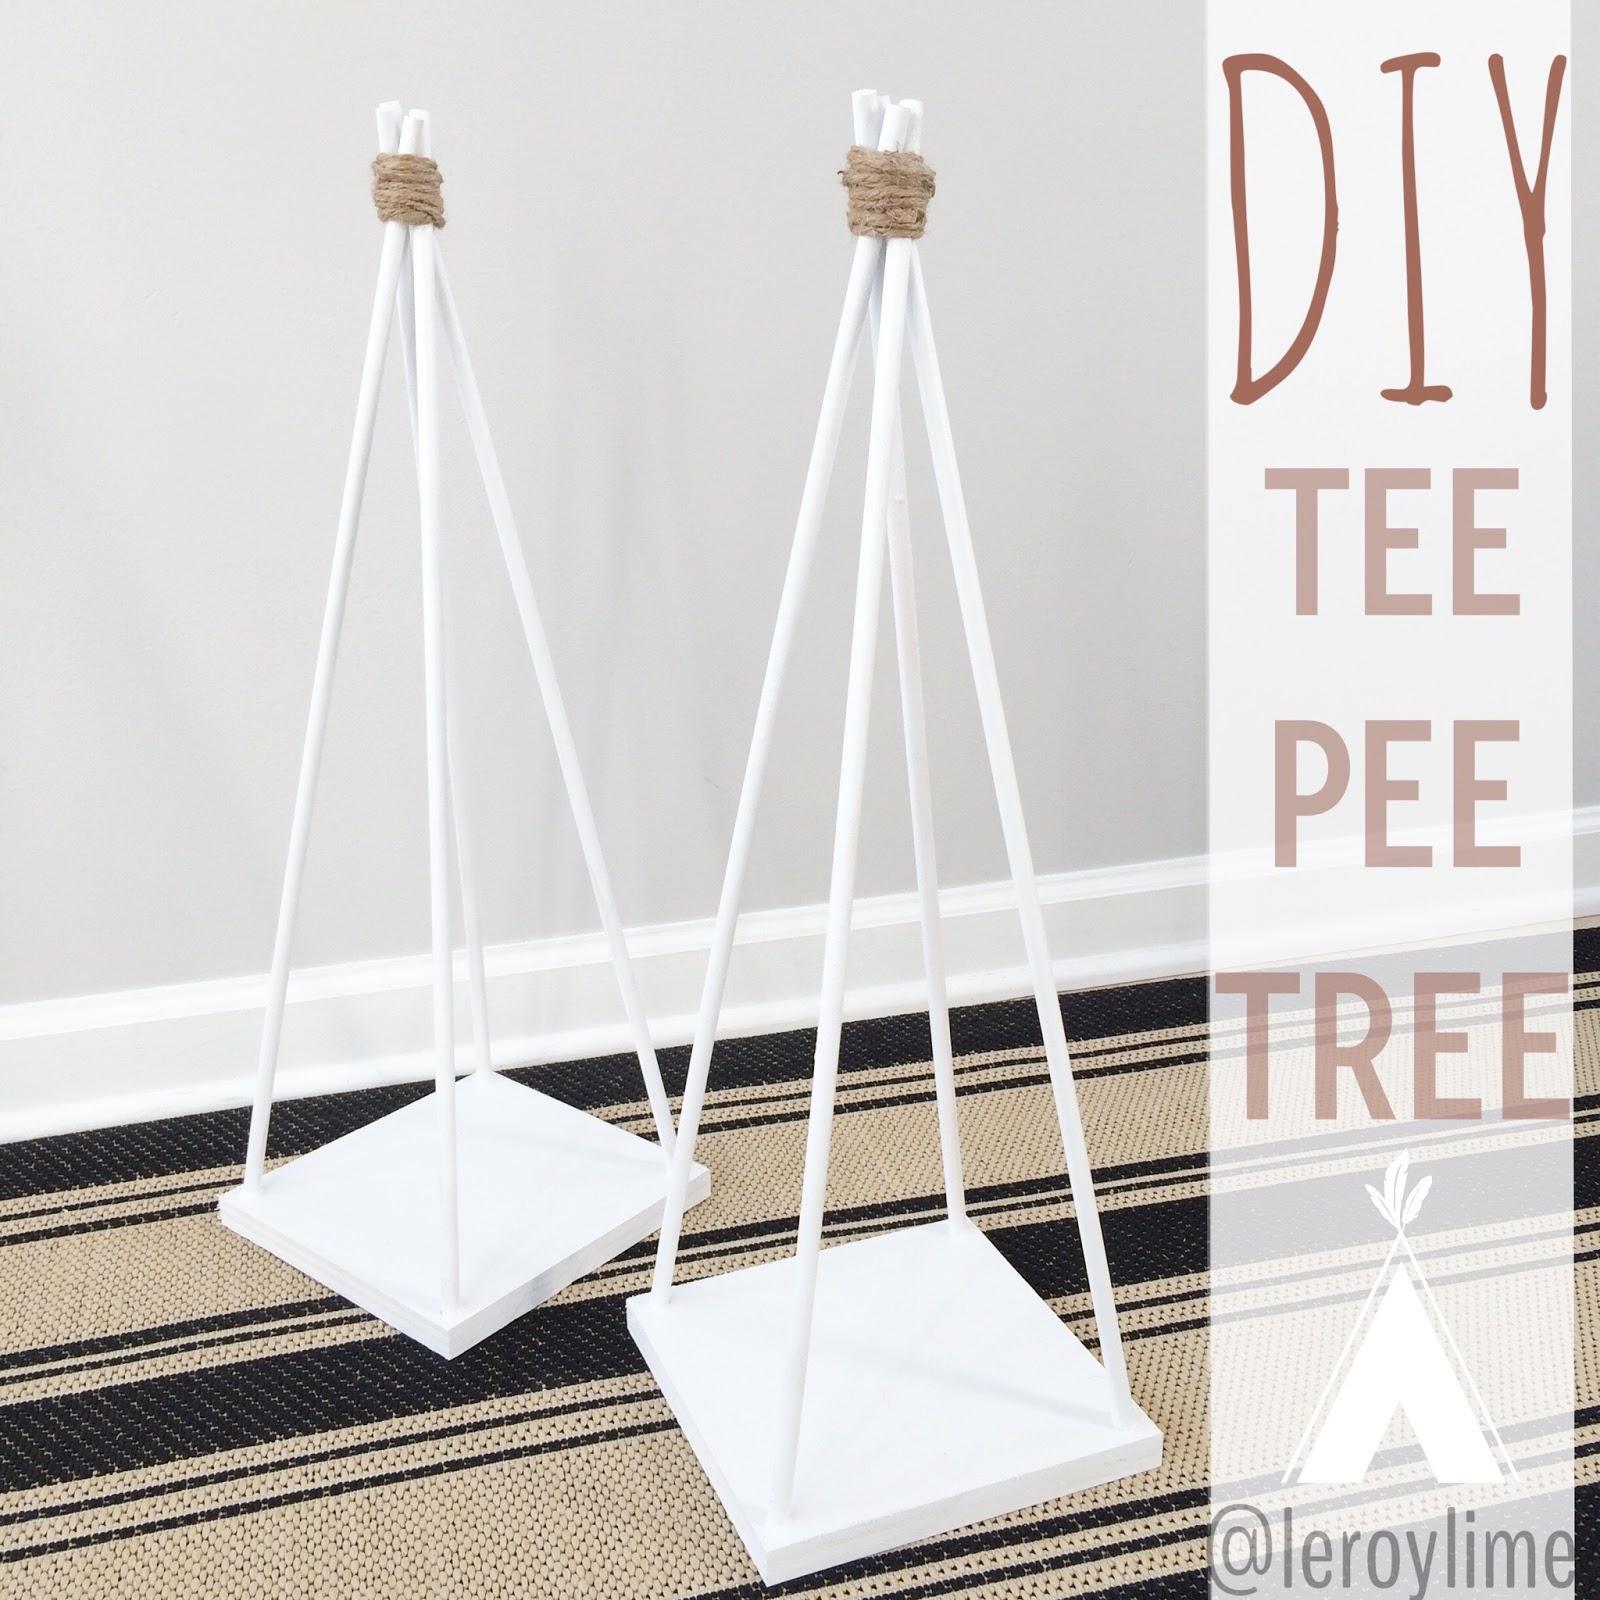 LeroyLime: DIY TeePee Tree - Fall Decor